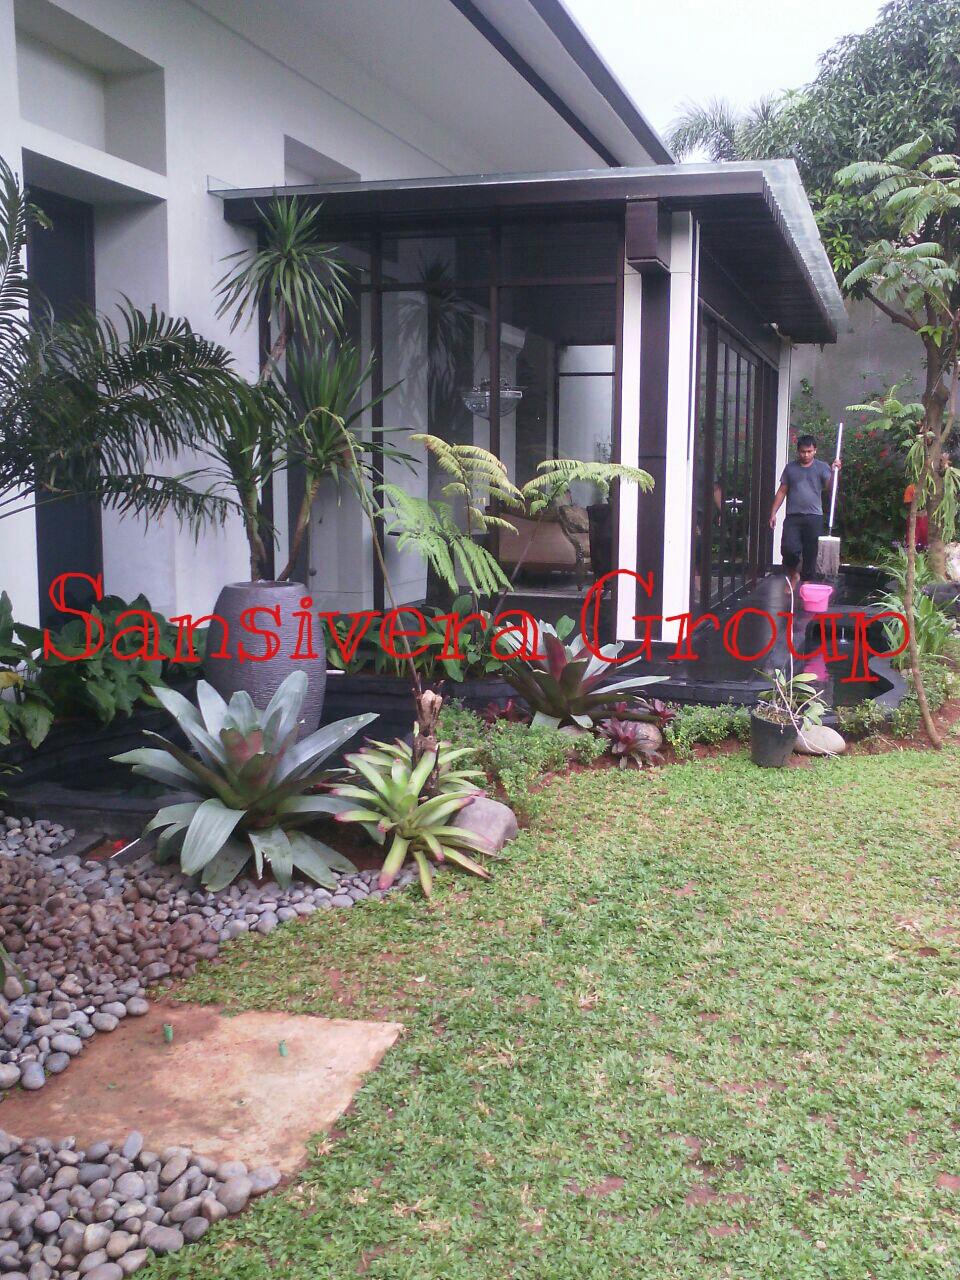 Desain Taman Kolam Tropis A Model Taman Tropical Bali